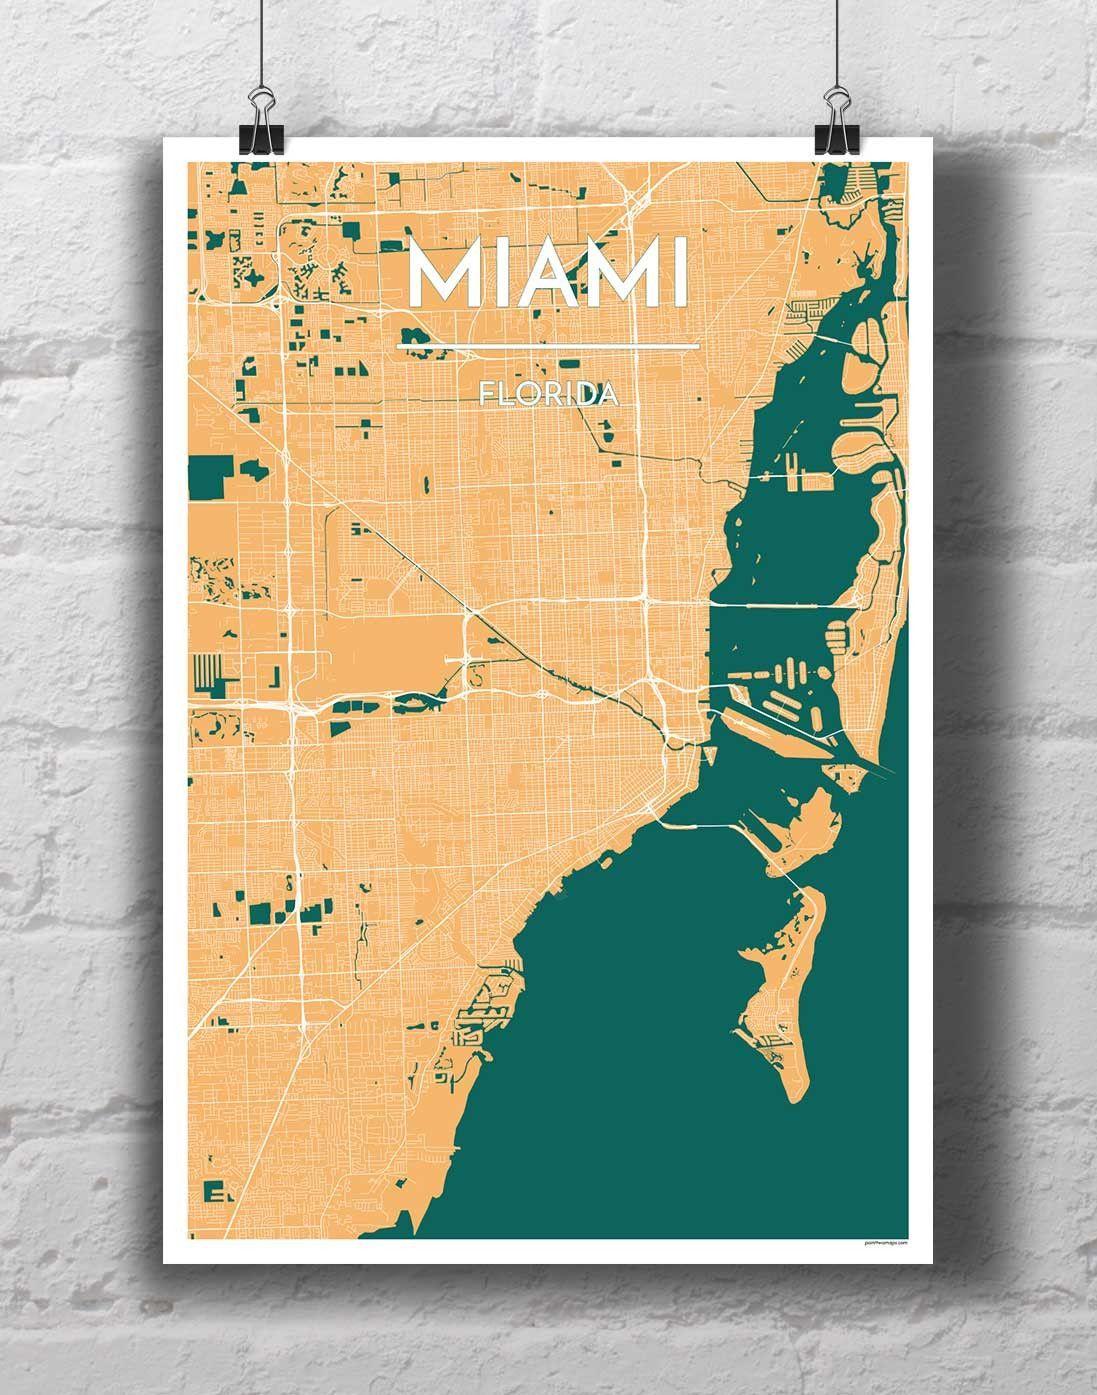 miami map art print   map art print, map art, city map art